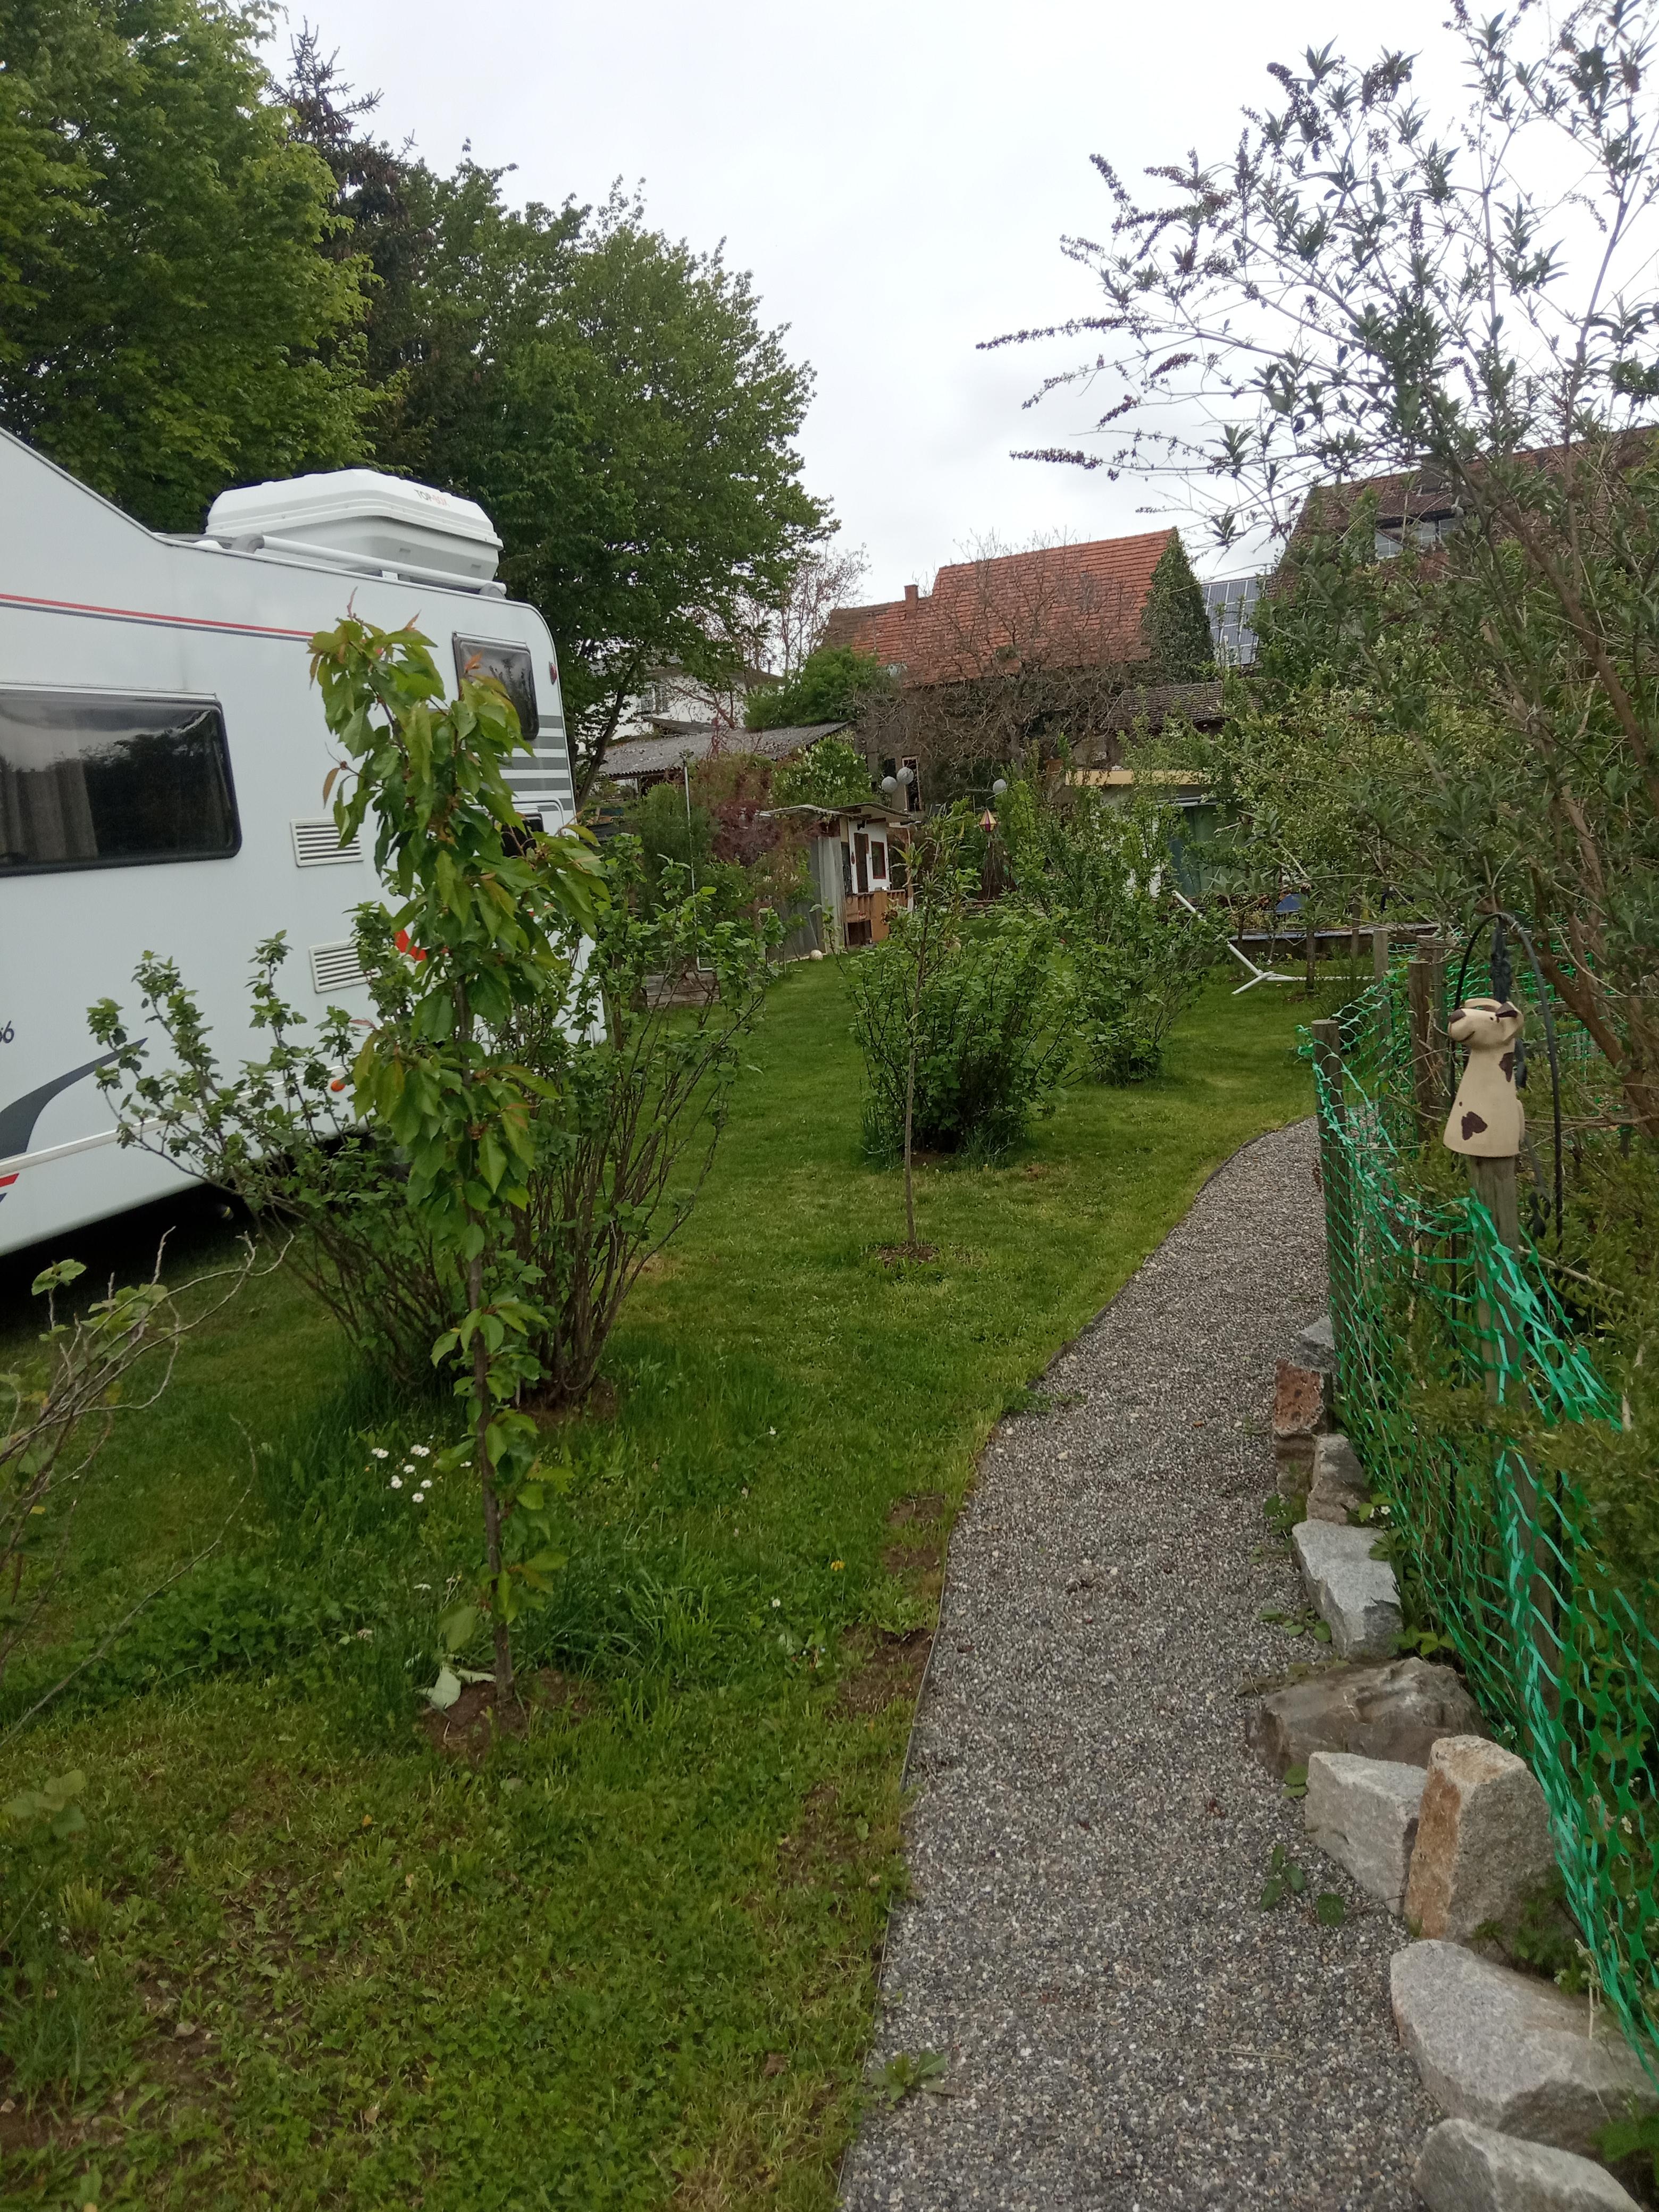 Stellplatz/Camping in unserem Garten